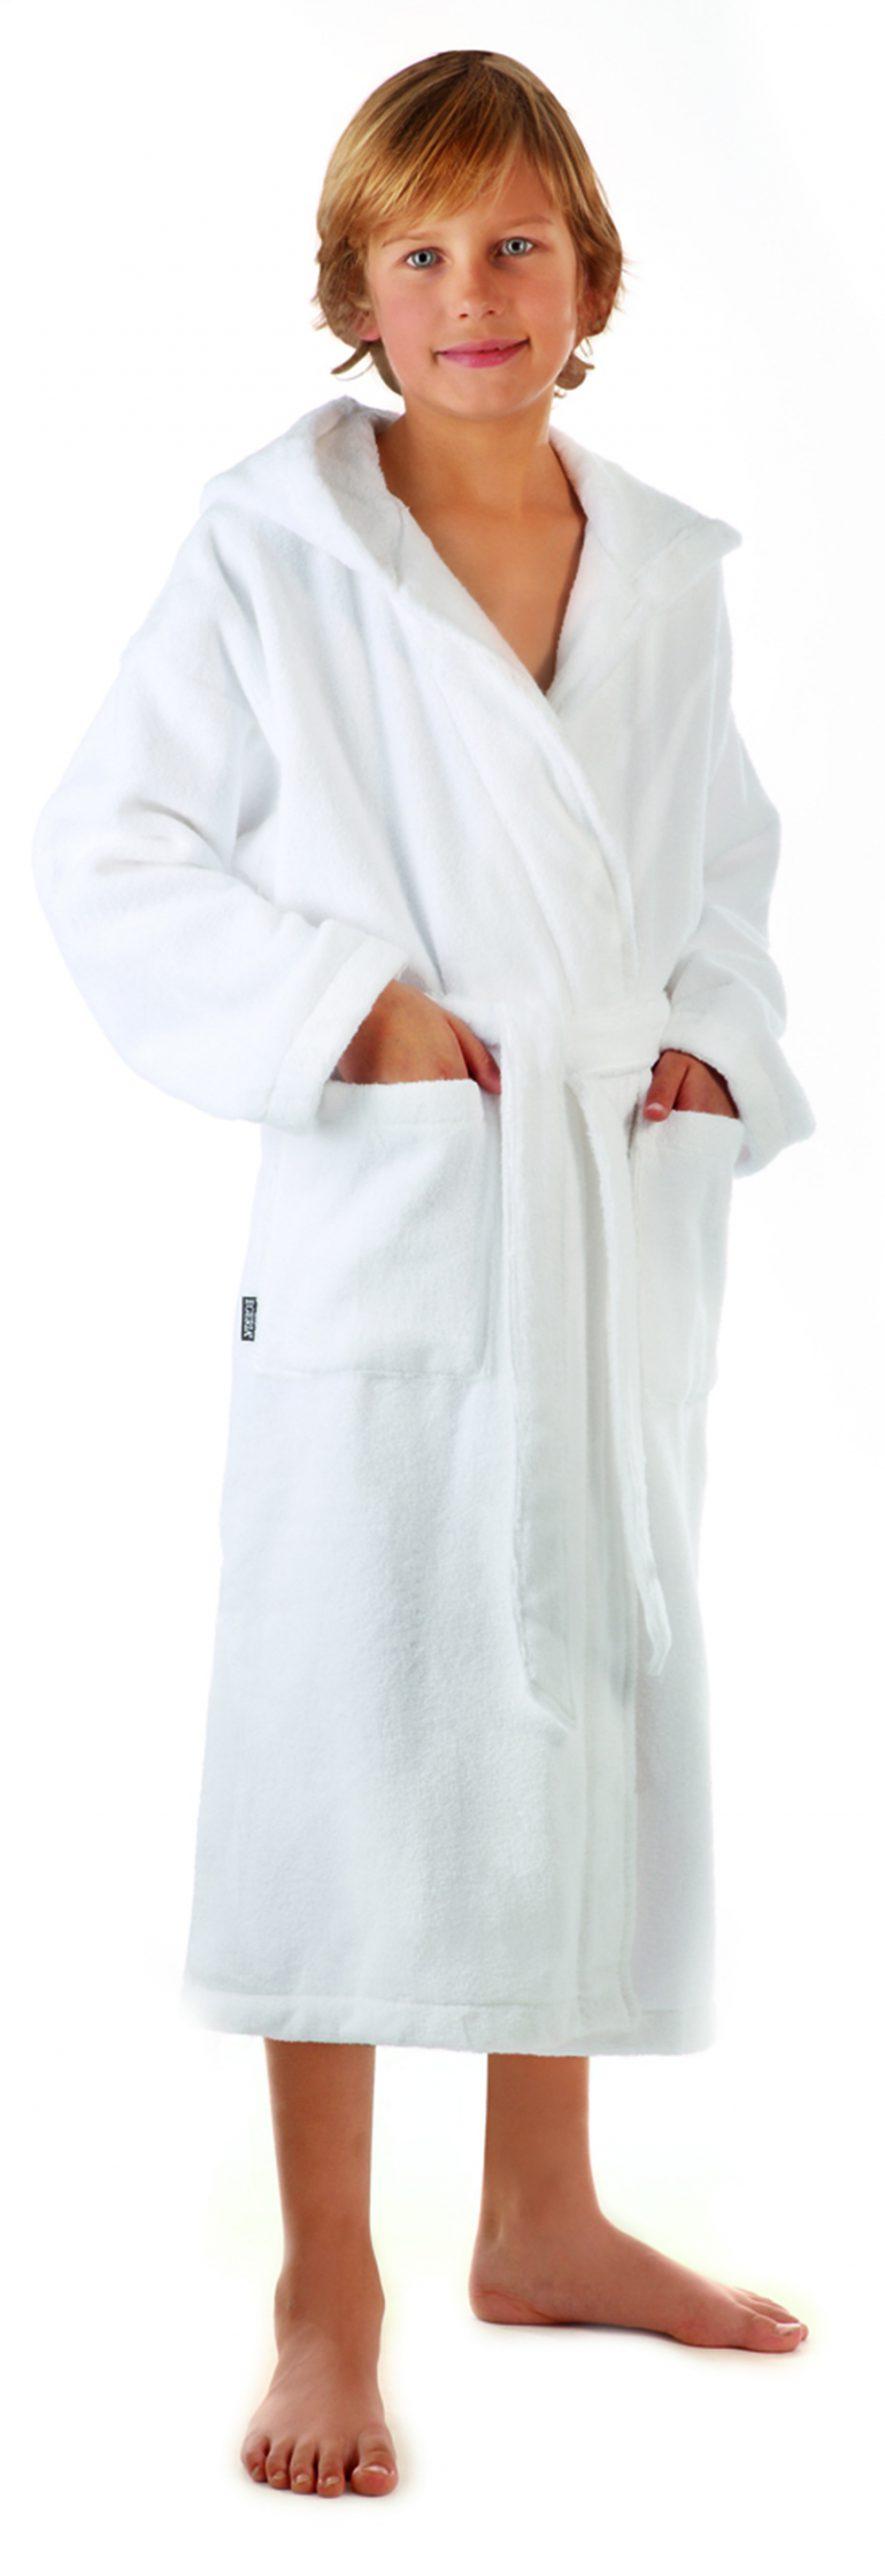 Witte kinderbadjas met capuchon van zachte katoen van Egeria-0